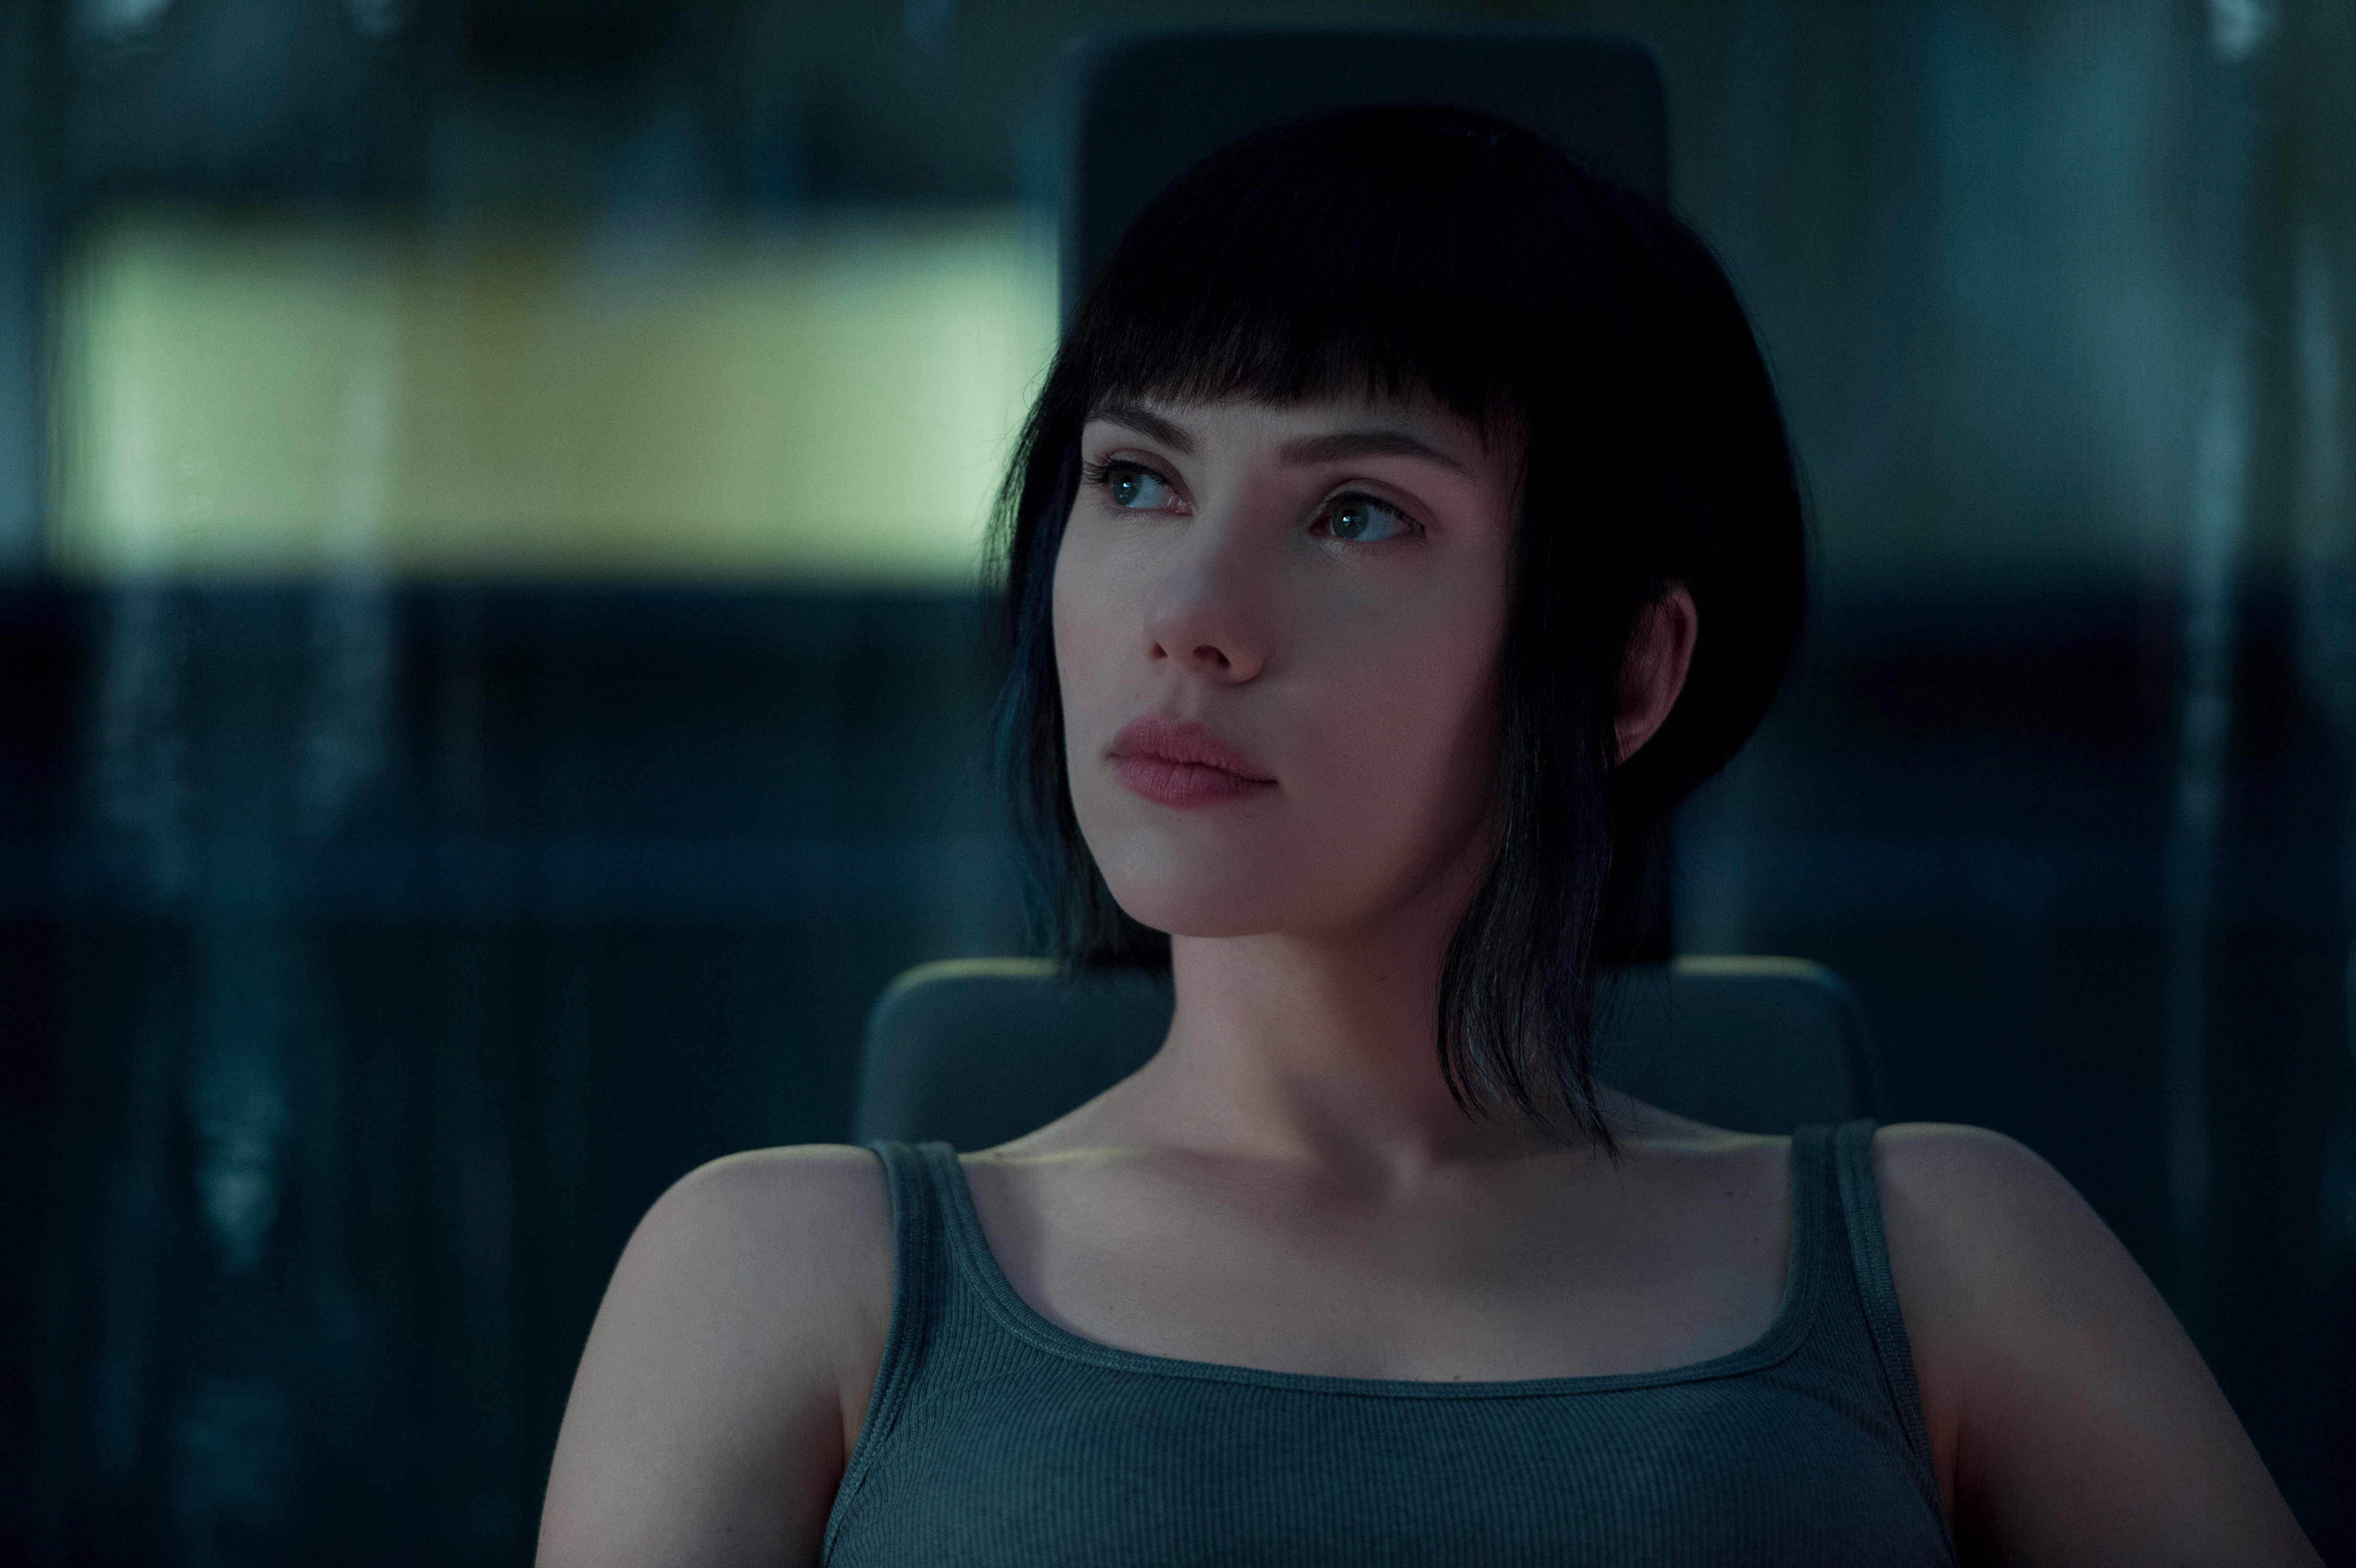 Scarlett Johansson In Ghost In The Shell 2017, HD Movies ... Scarlett Johansson Movies